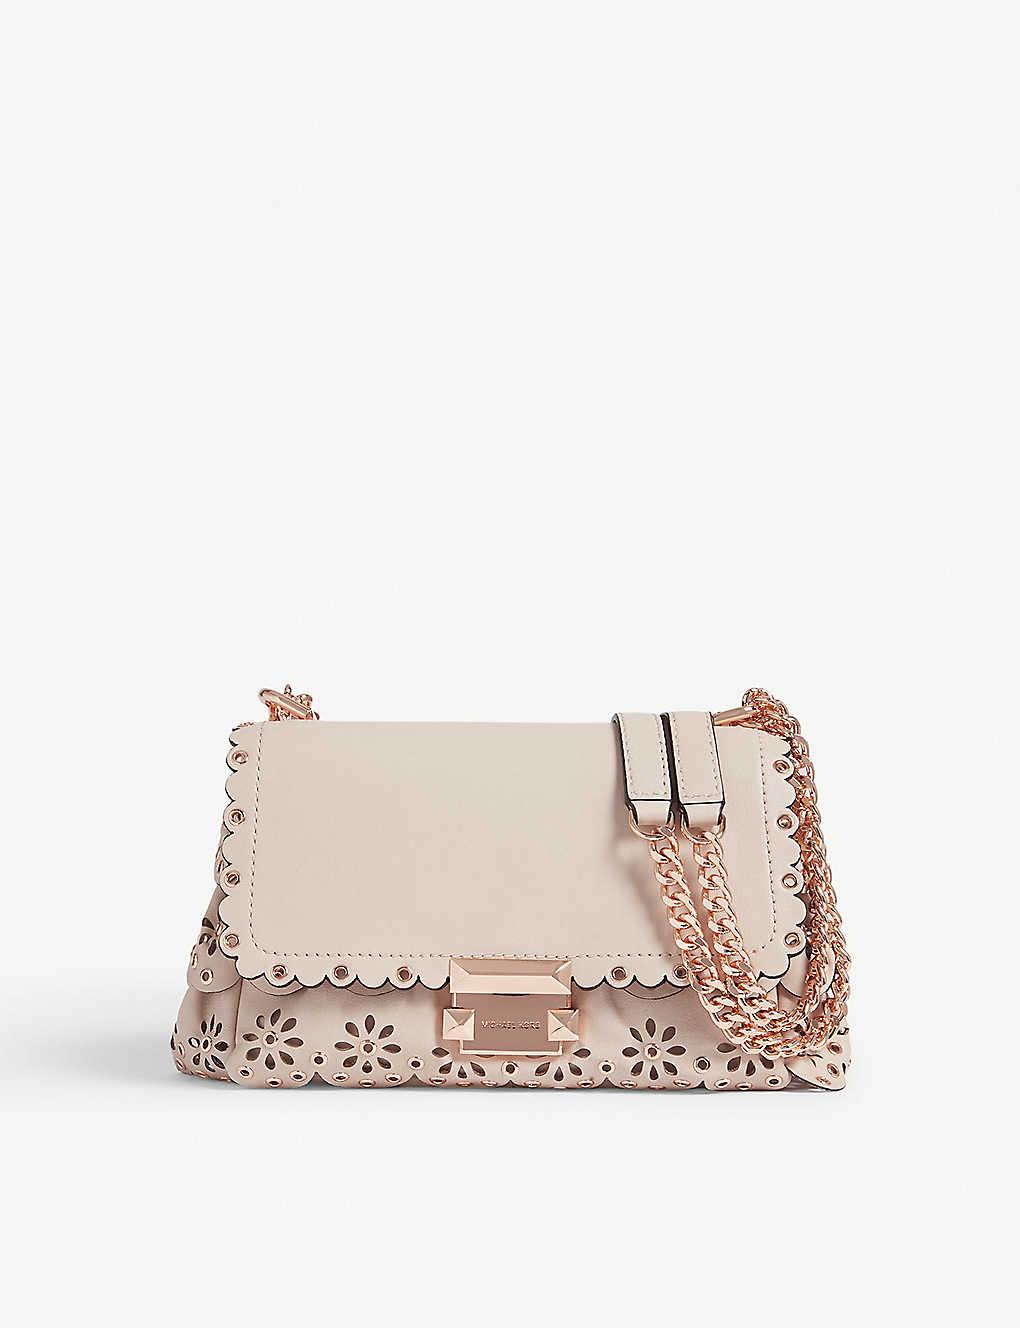 7f30c74027715 MICHAEL MICHAEL KORS - Sloan floral scalloped leather shoulder bag ...